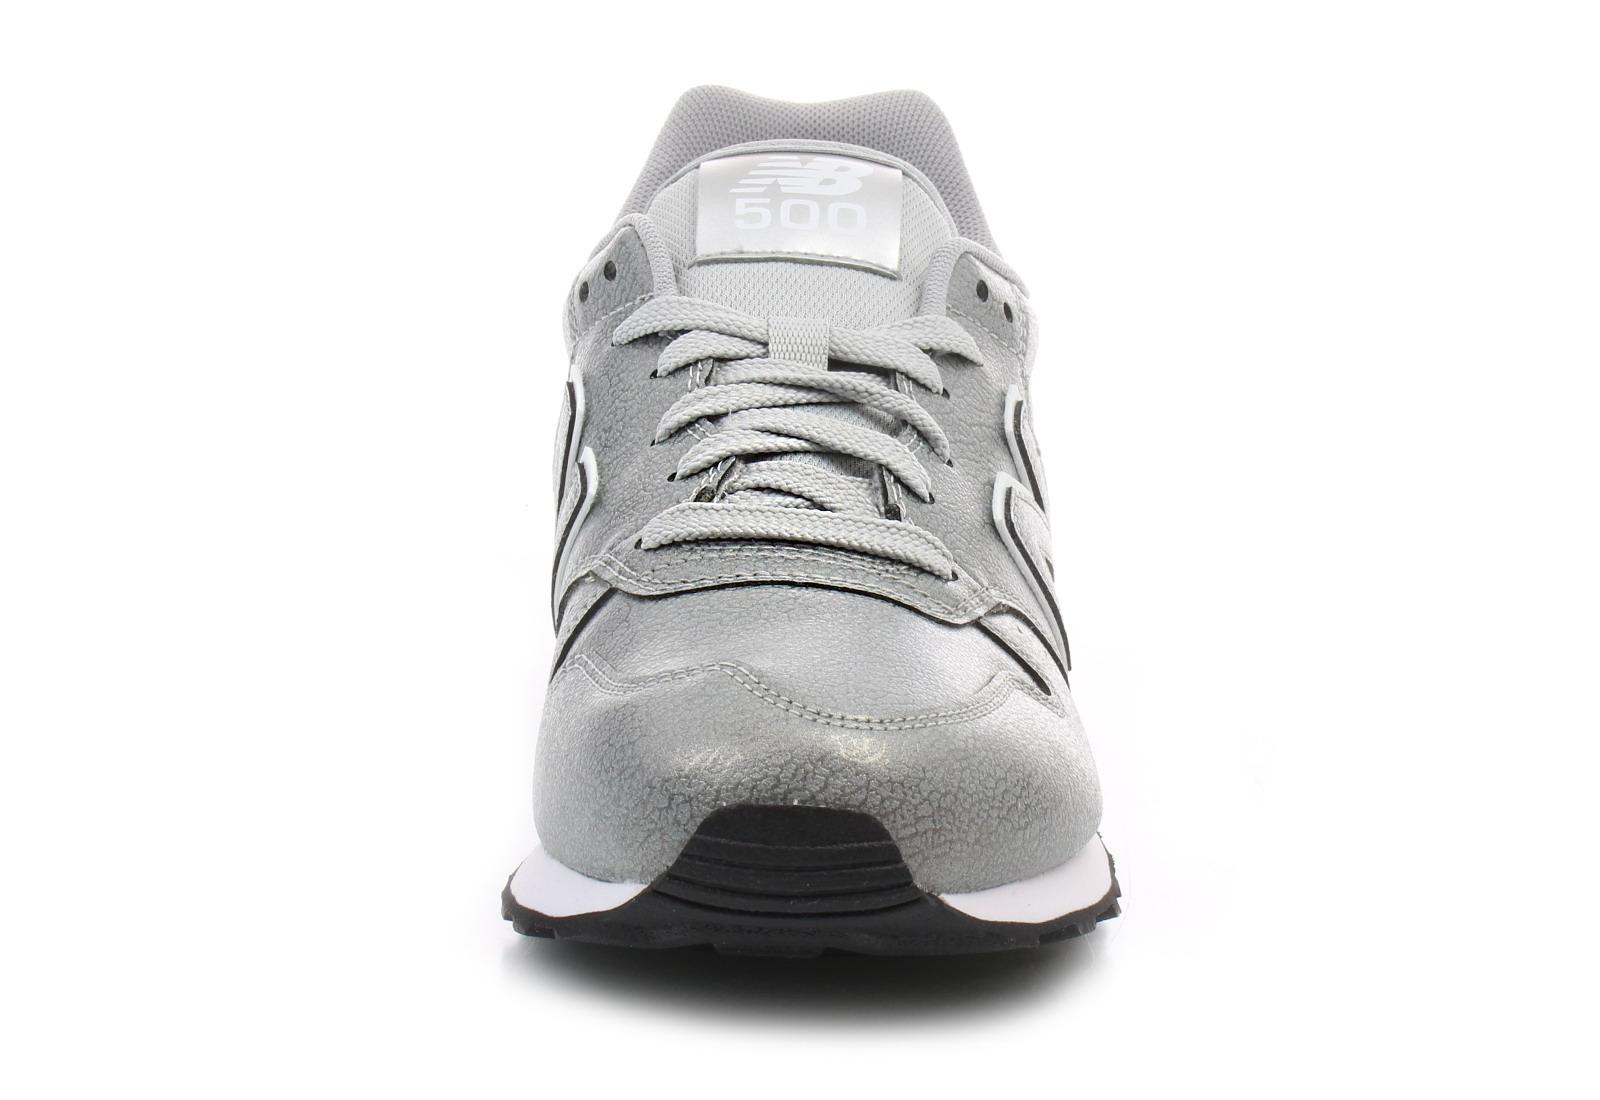 New Balance Półbuty Gw500 GW500MTA Obuwie i buty damskie, męskie, dziecięce w Office Shoes